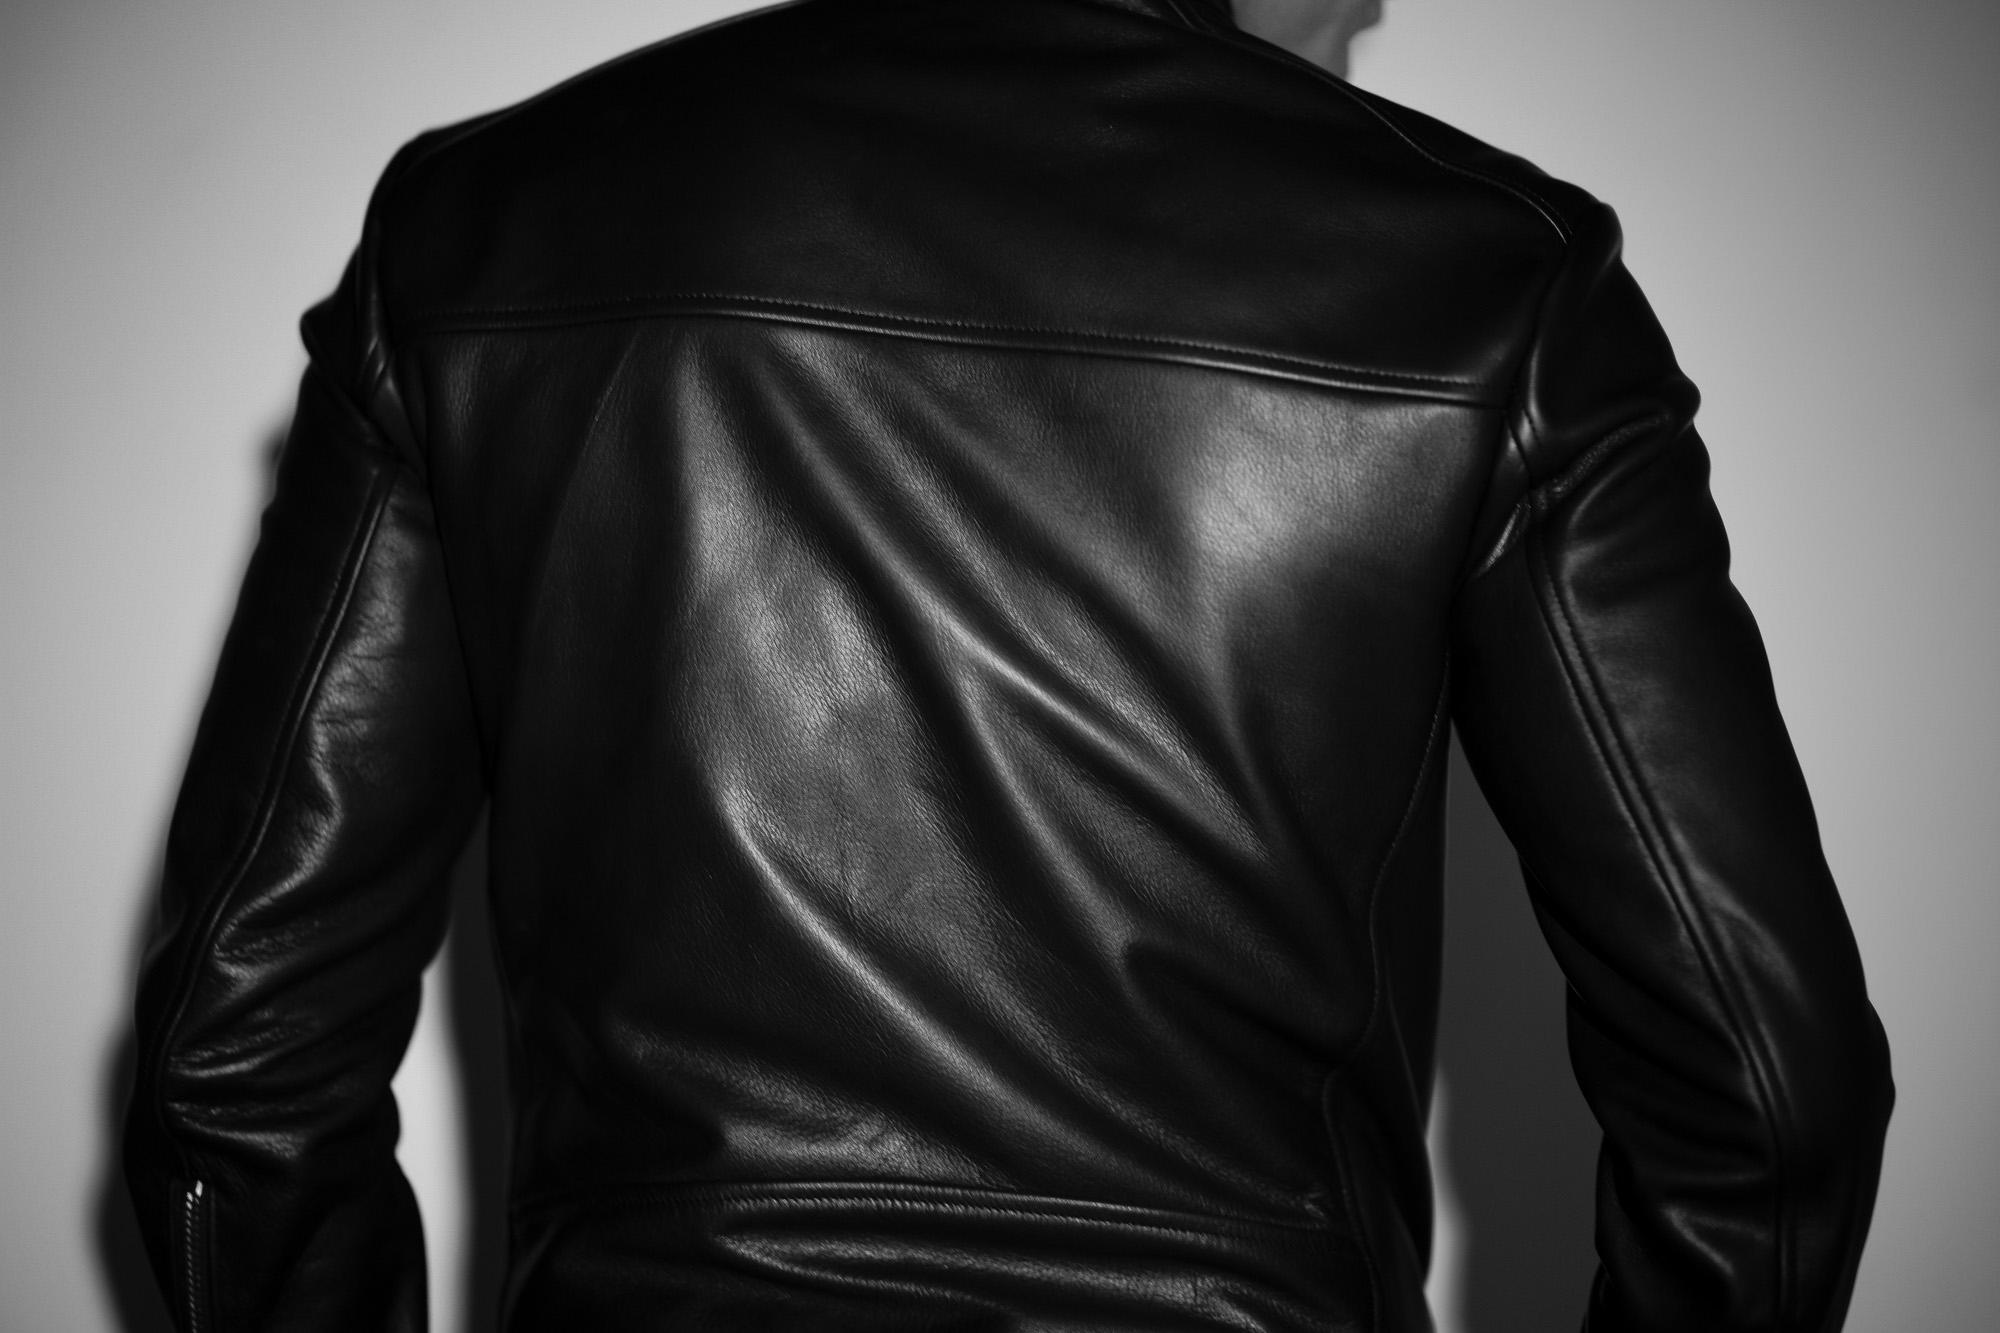 FIXER(フィクサー) F1(エフワン) DOUBLE RIDERS Cow Leather ダブルライダース ジャケット BLACK(ブラック) 愛知 名古屋 altoediritto アルトエデリット